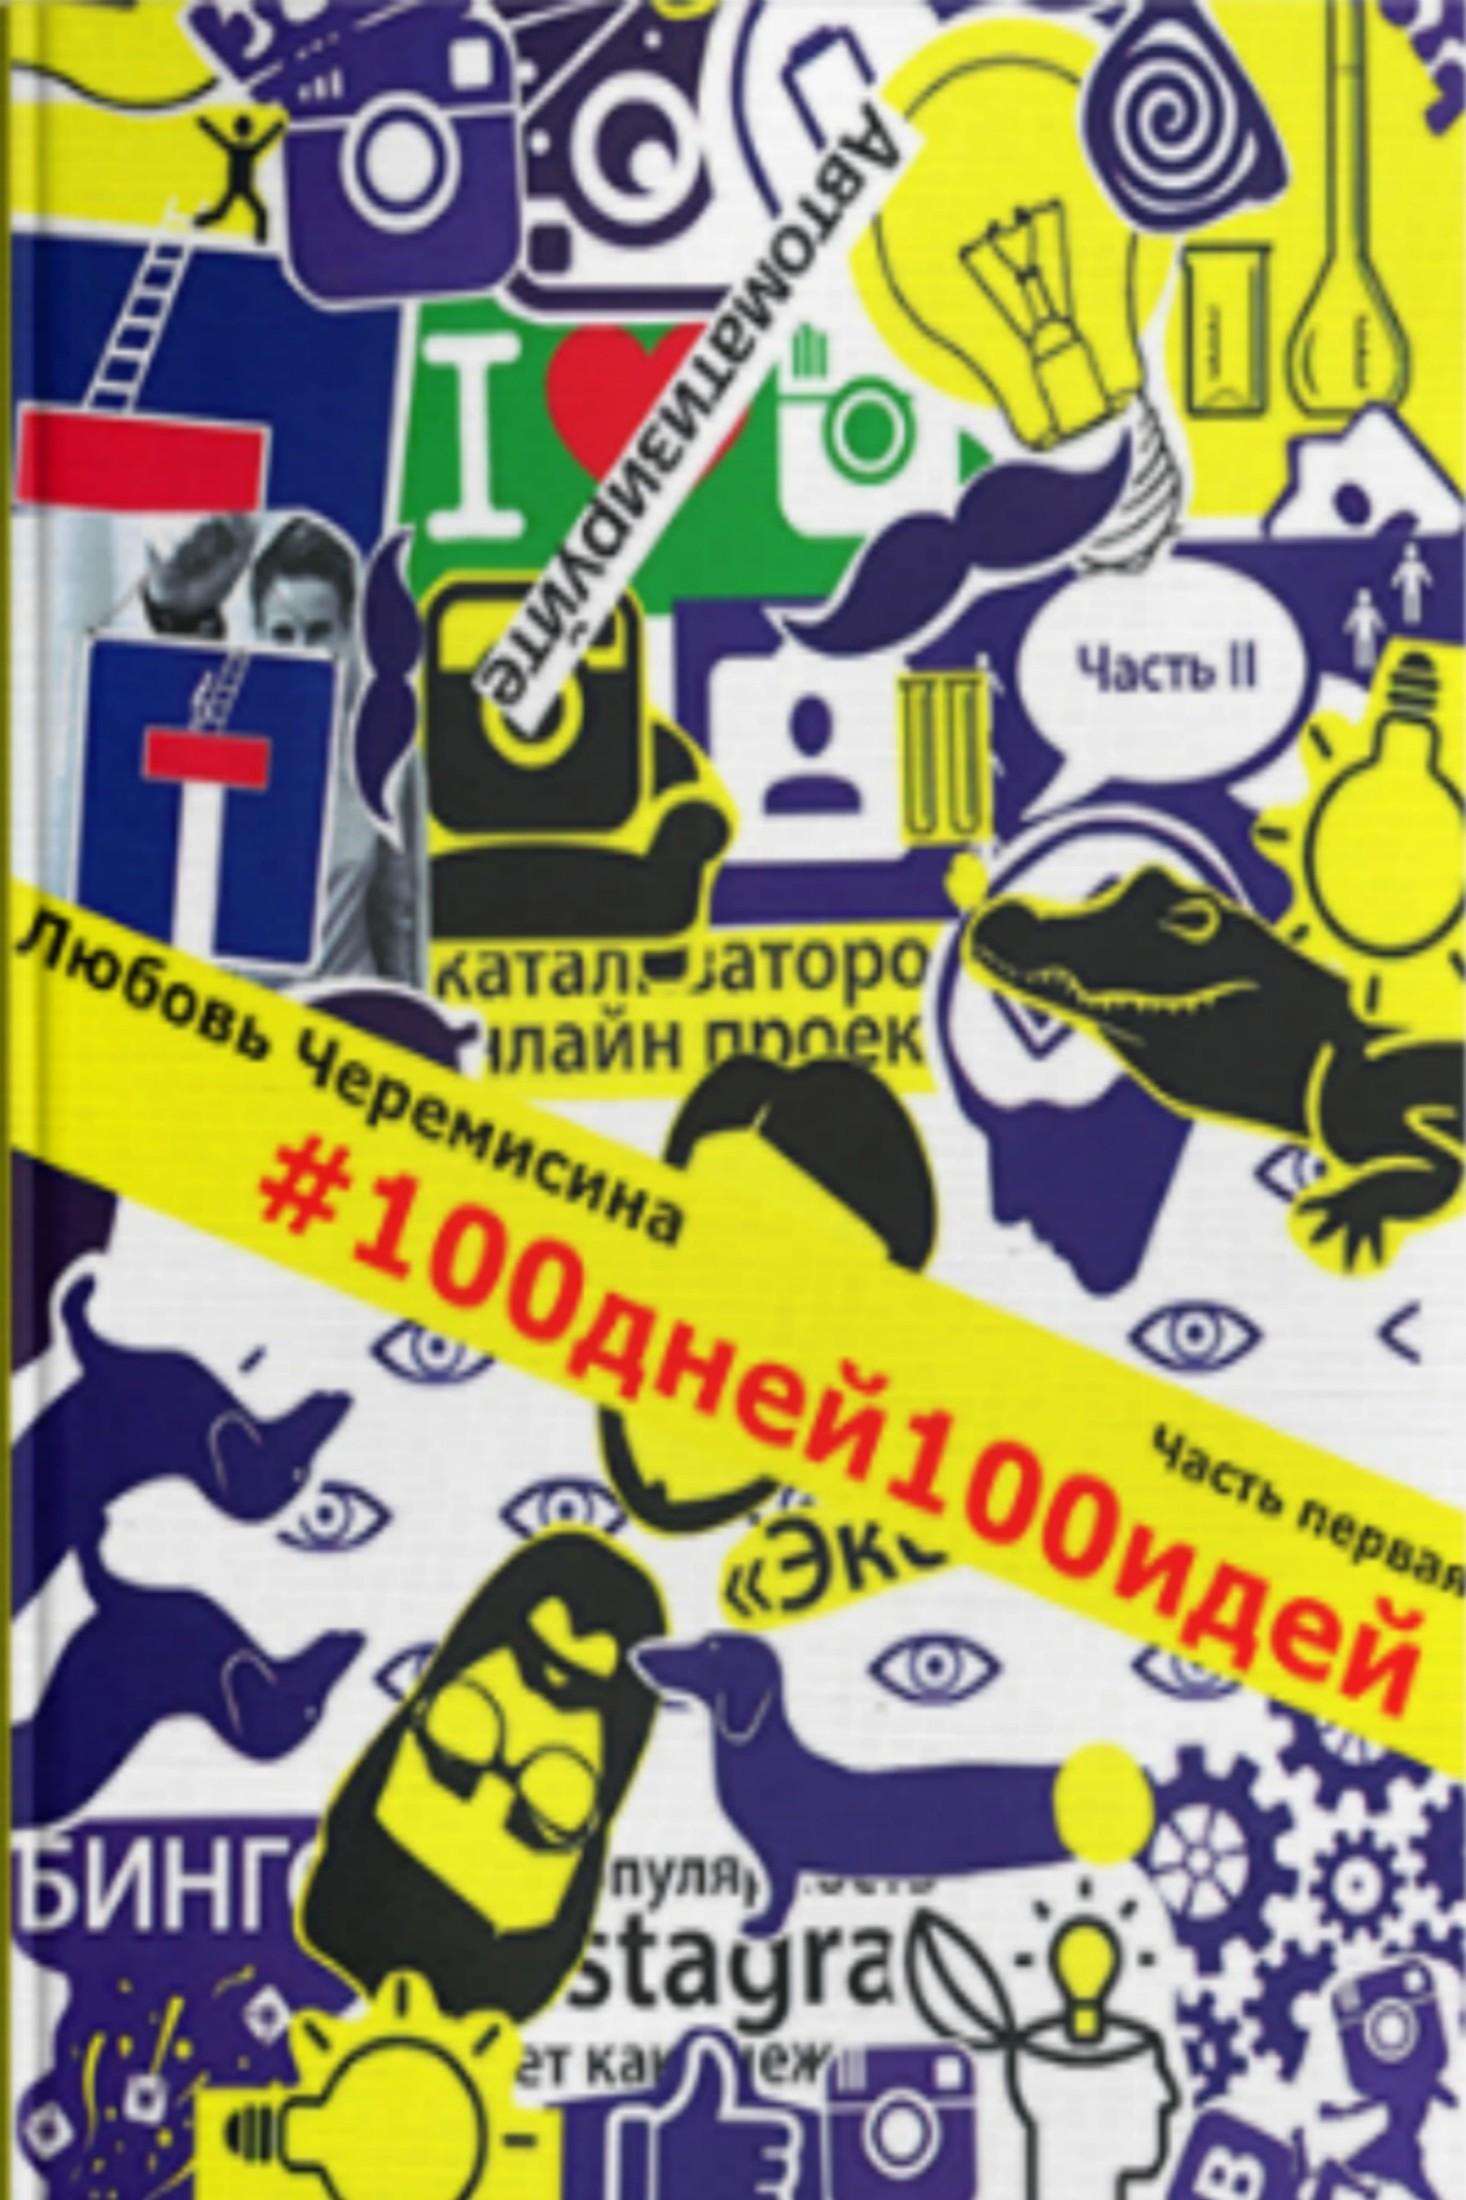 Обложка книги 100 дней 100 идей. Часть 1